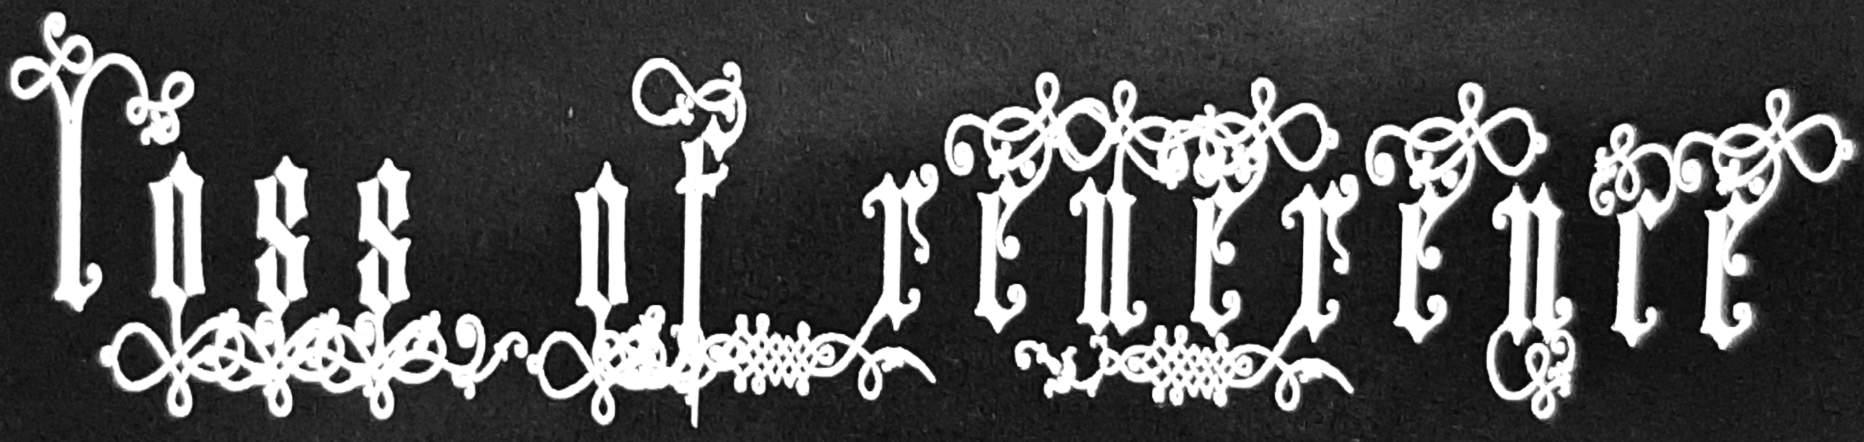 Loss of Reverence - Logo